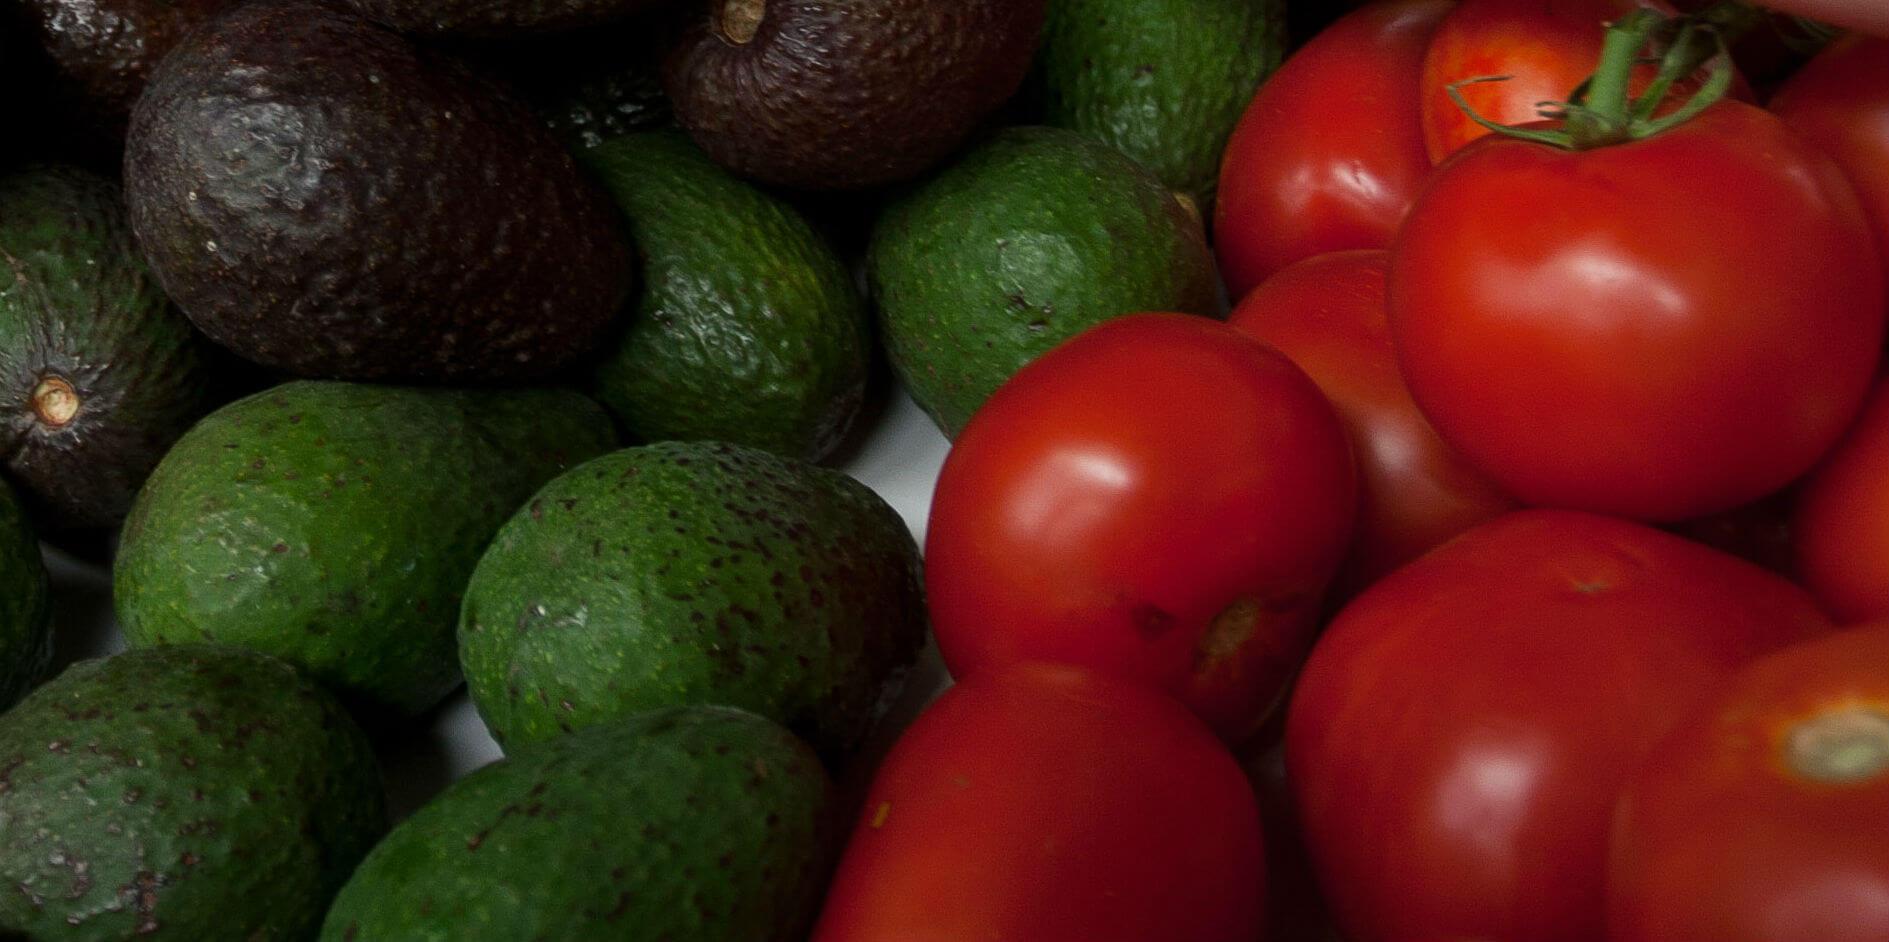 receta guacamole rojo